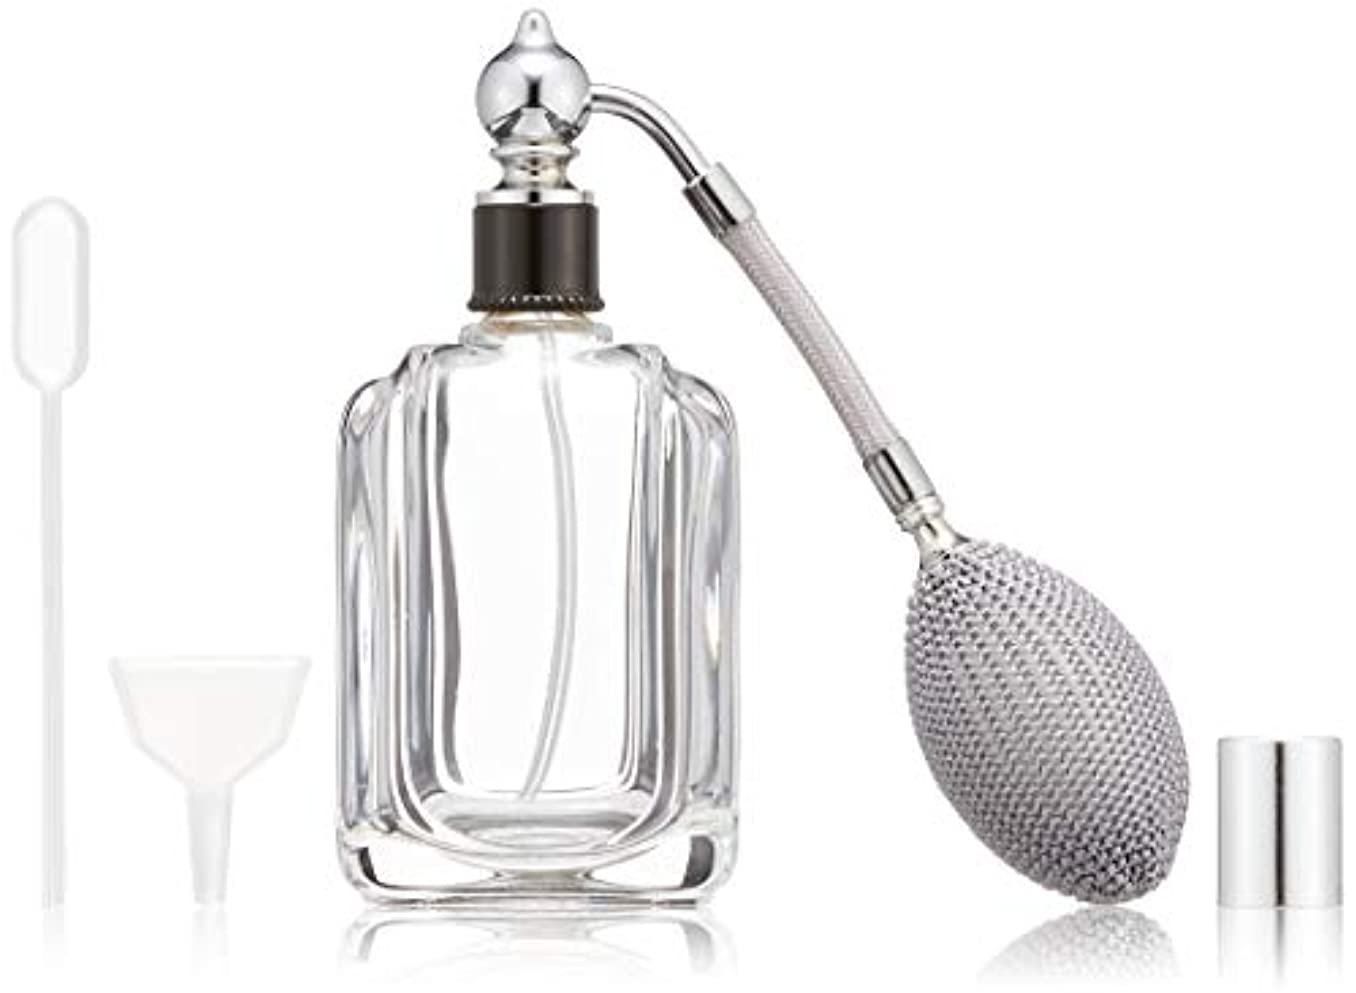 電球ファランクスかすれたヒロセアトマイザー フランス製香水瓶50ML メンズアトマイザーkuro 409873SS (50MLタクジョウ) CLSS